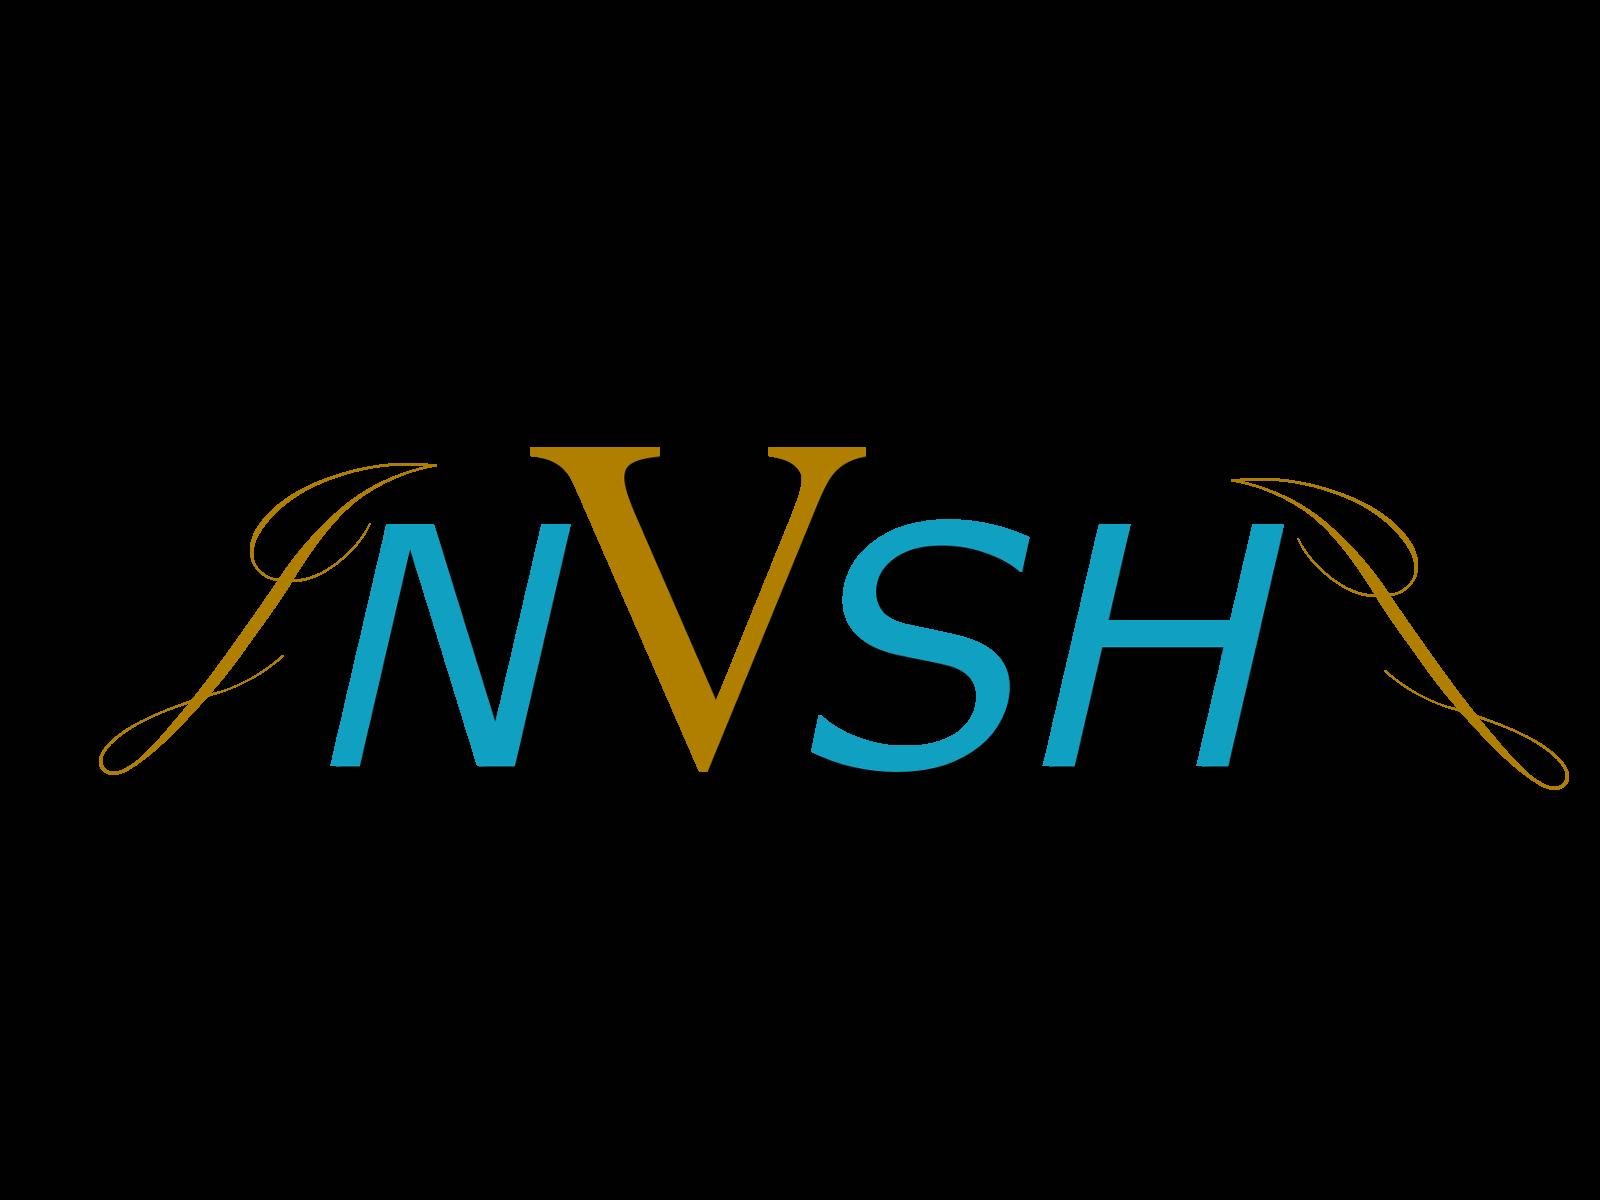 N.V.S.H.